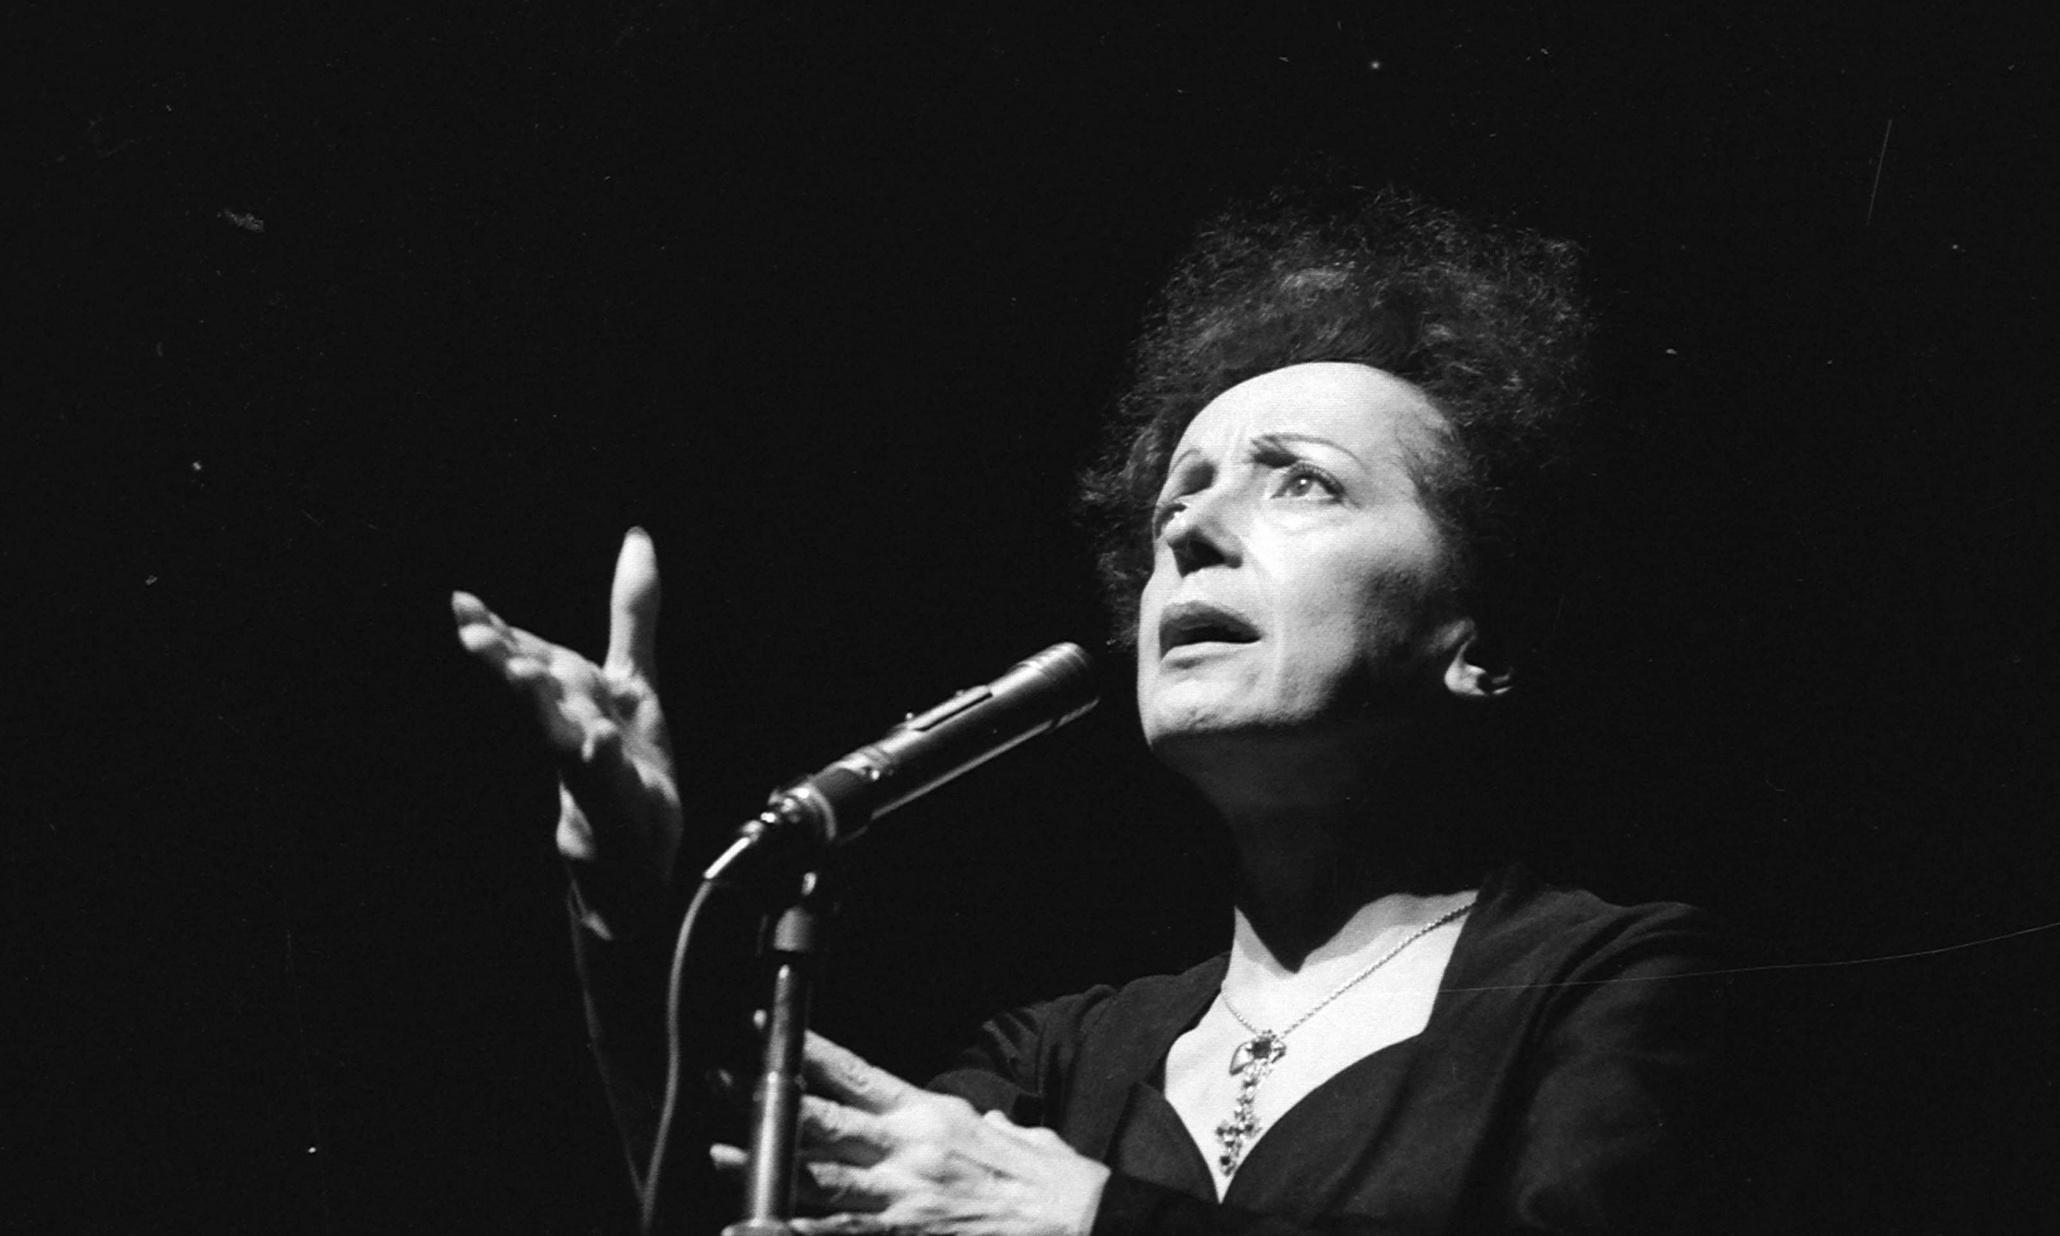 Η Édith Piaf σε εμφάνισή της στο Olympia, τον Ιανουάριο 1961. (Photo by Lipnitzki/Roger Viollet/Getty Images)